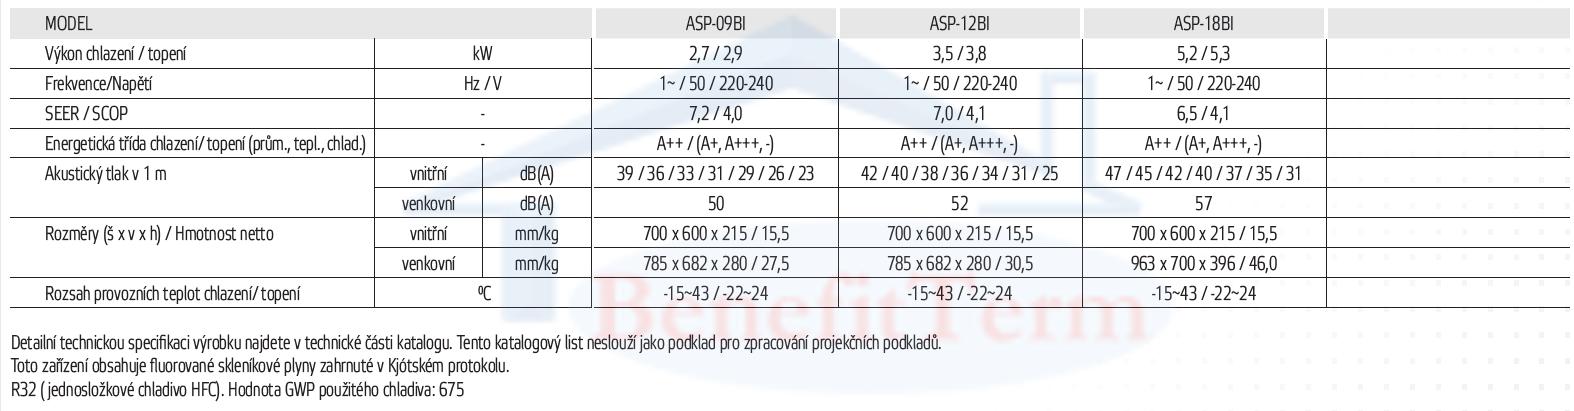 sinclair parapetni parametry (2020)